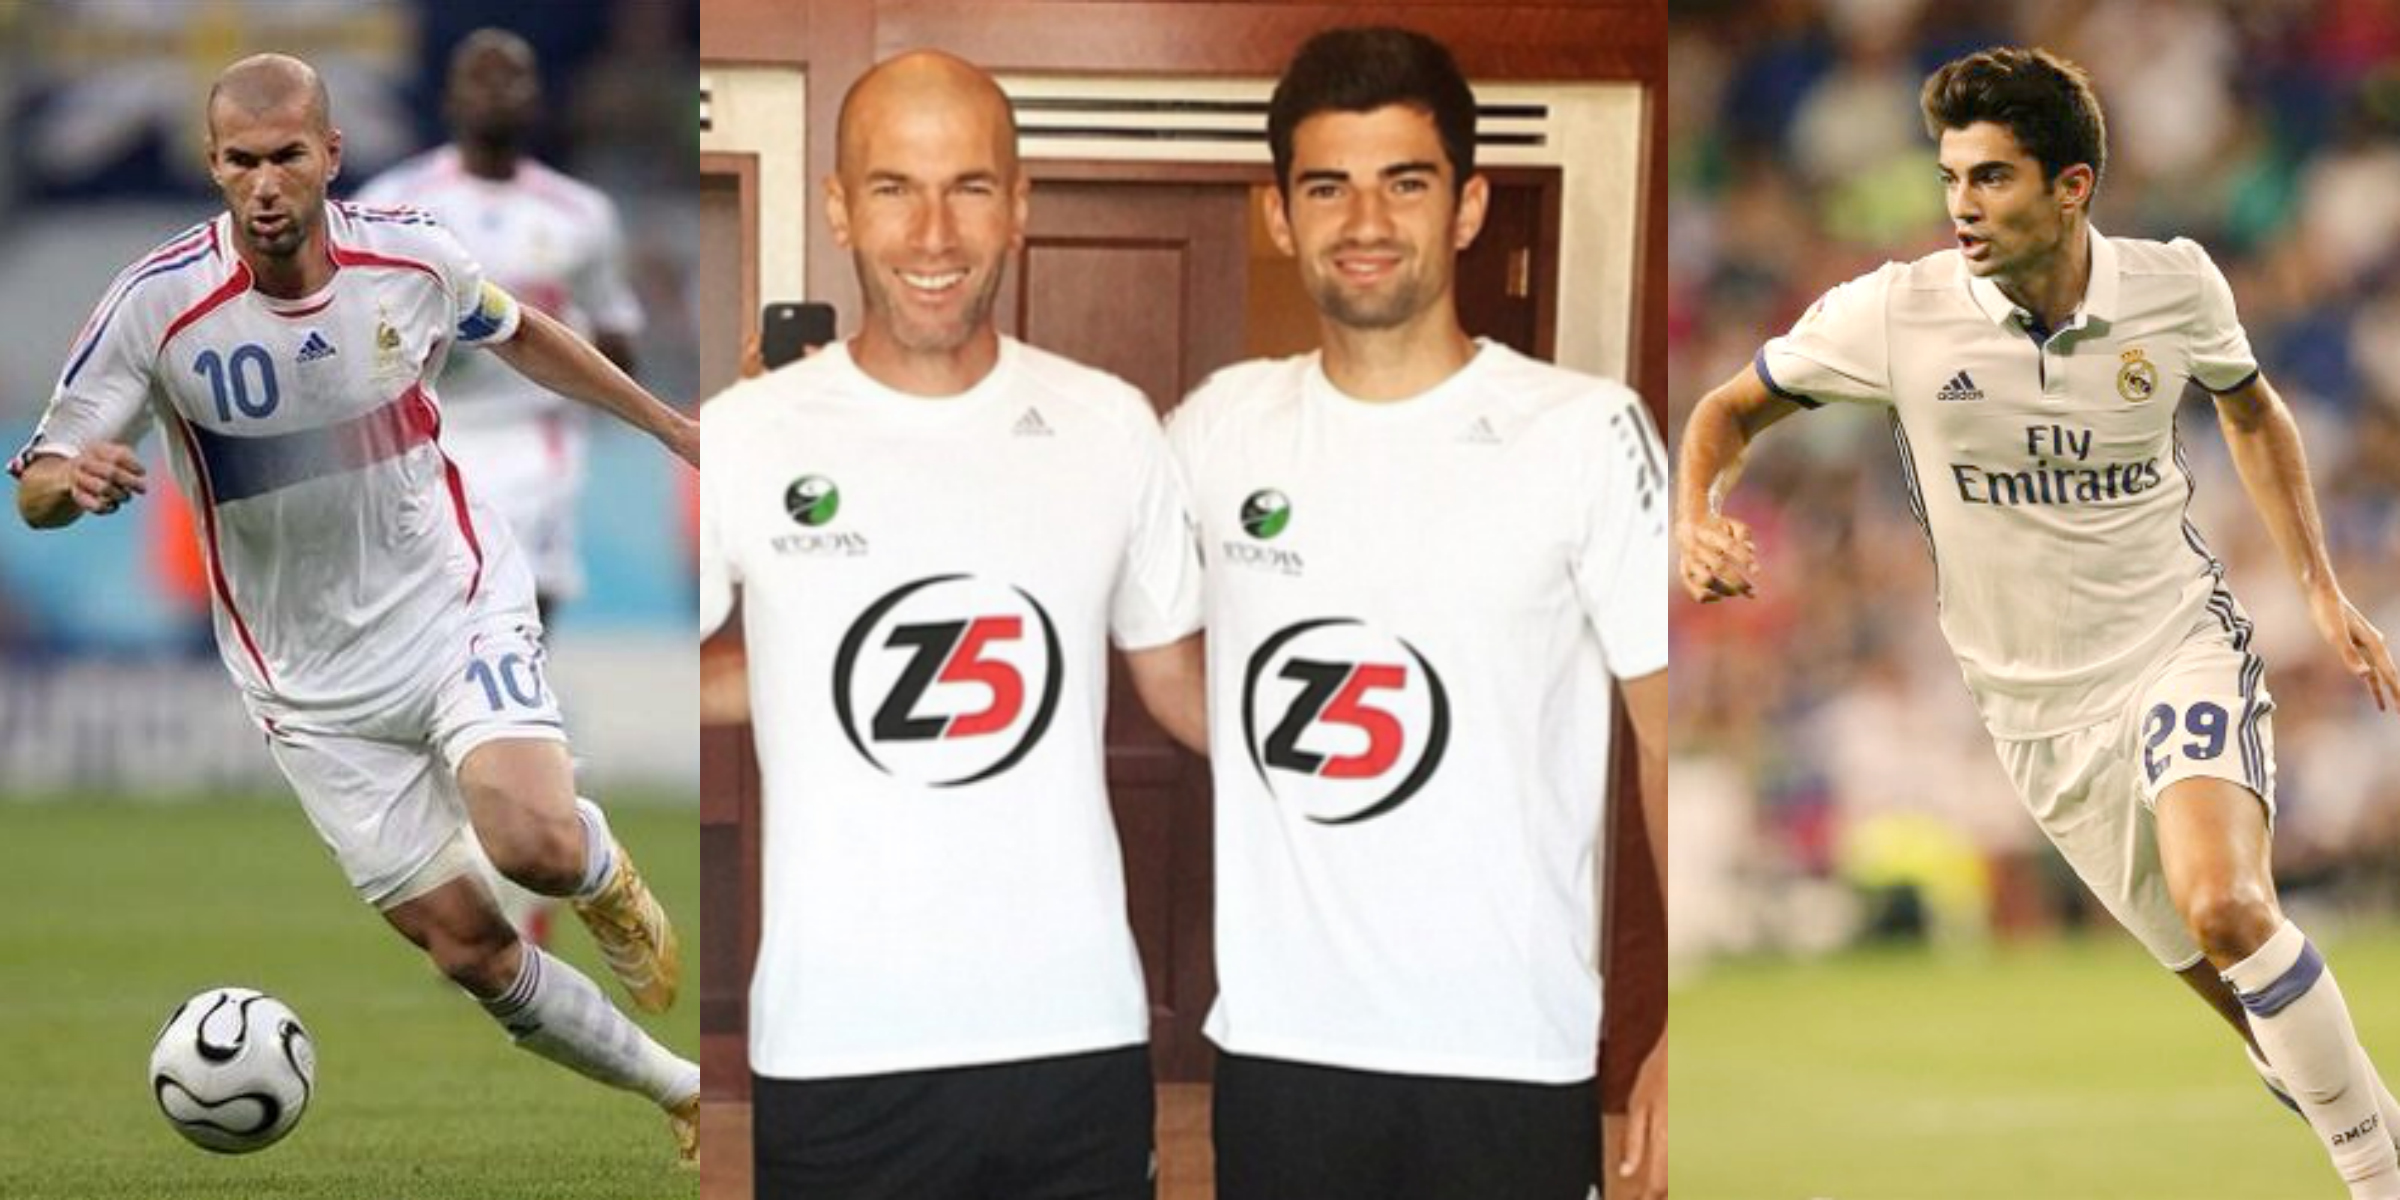 Zinedine Zidane and Enzo Zidane